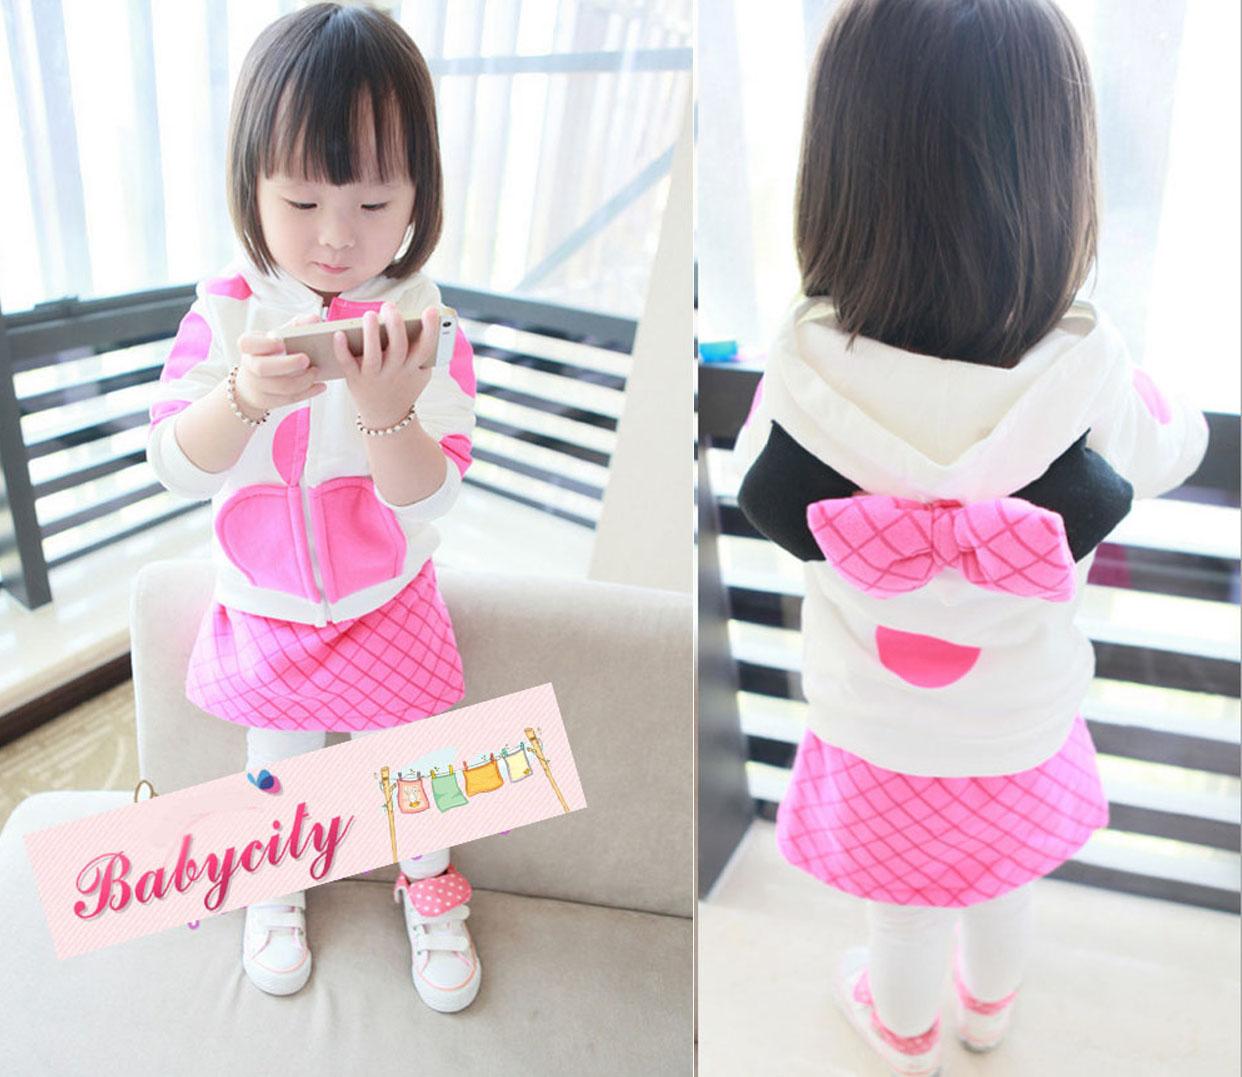 BabyCity ชุดเสื้อมีฮูทพร้อมกางเกงกระโปรงสไตล์มินนี่